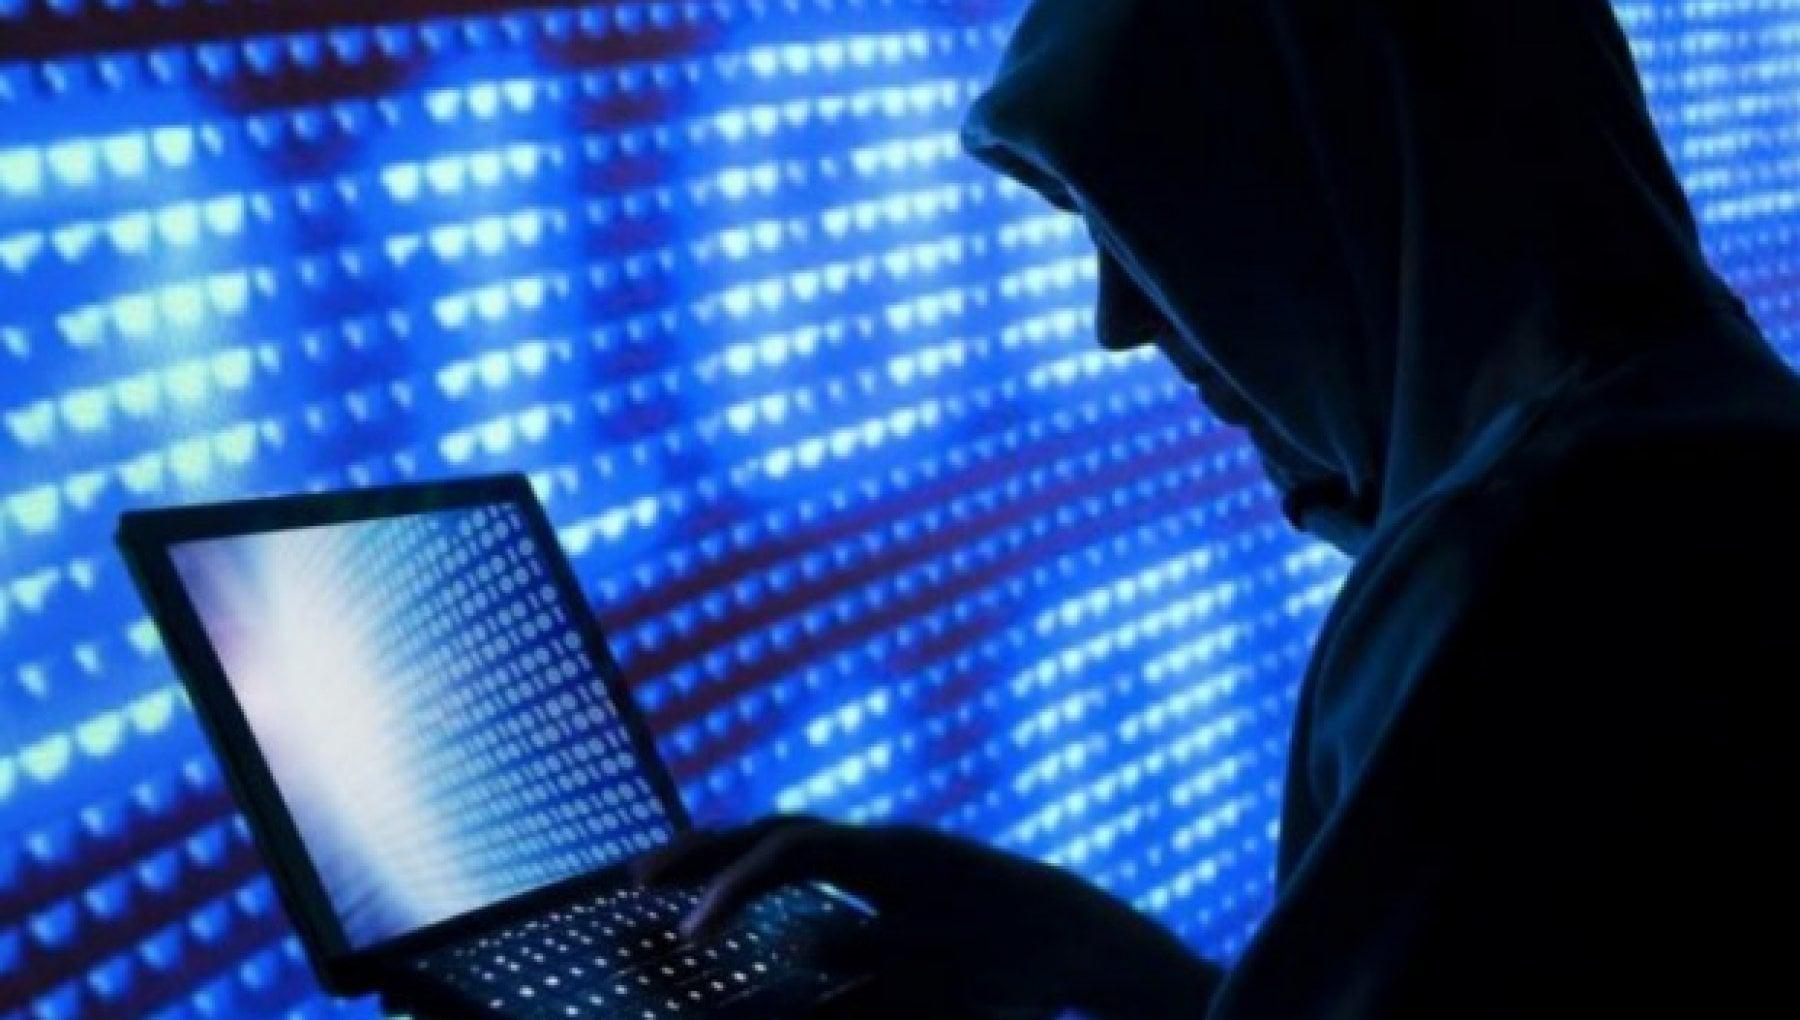 Attacco hacker al governo Usa sospetti sulla Russia